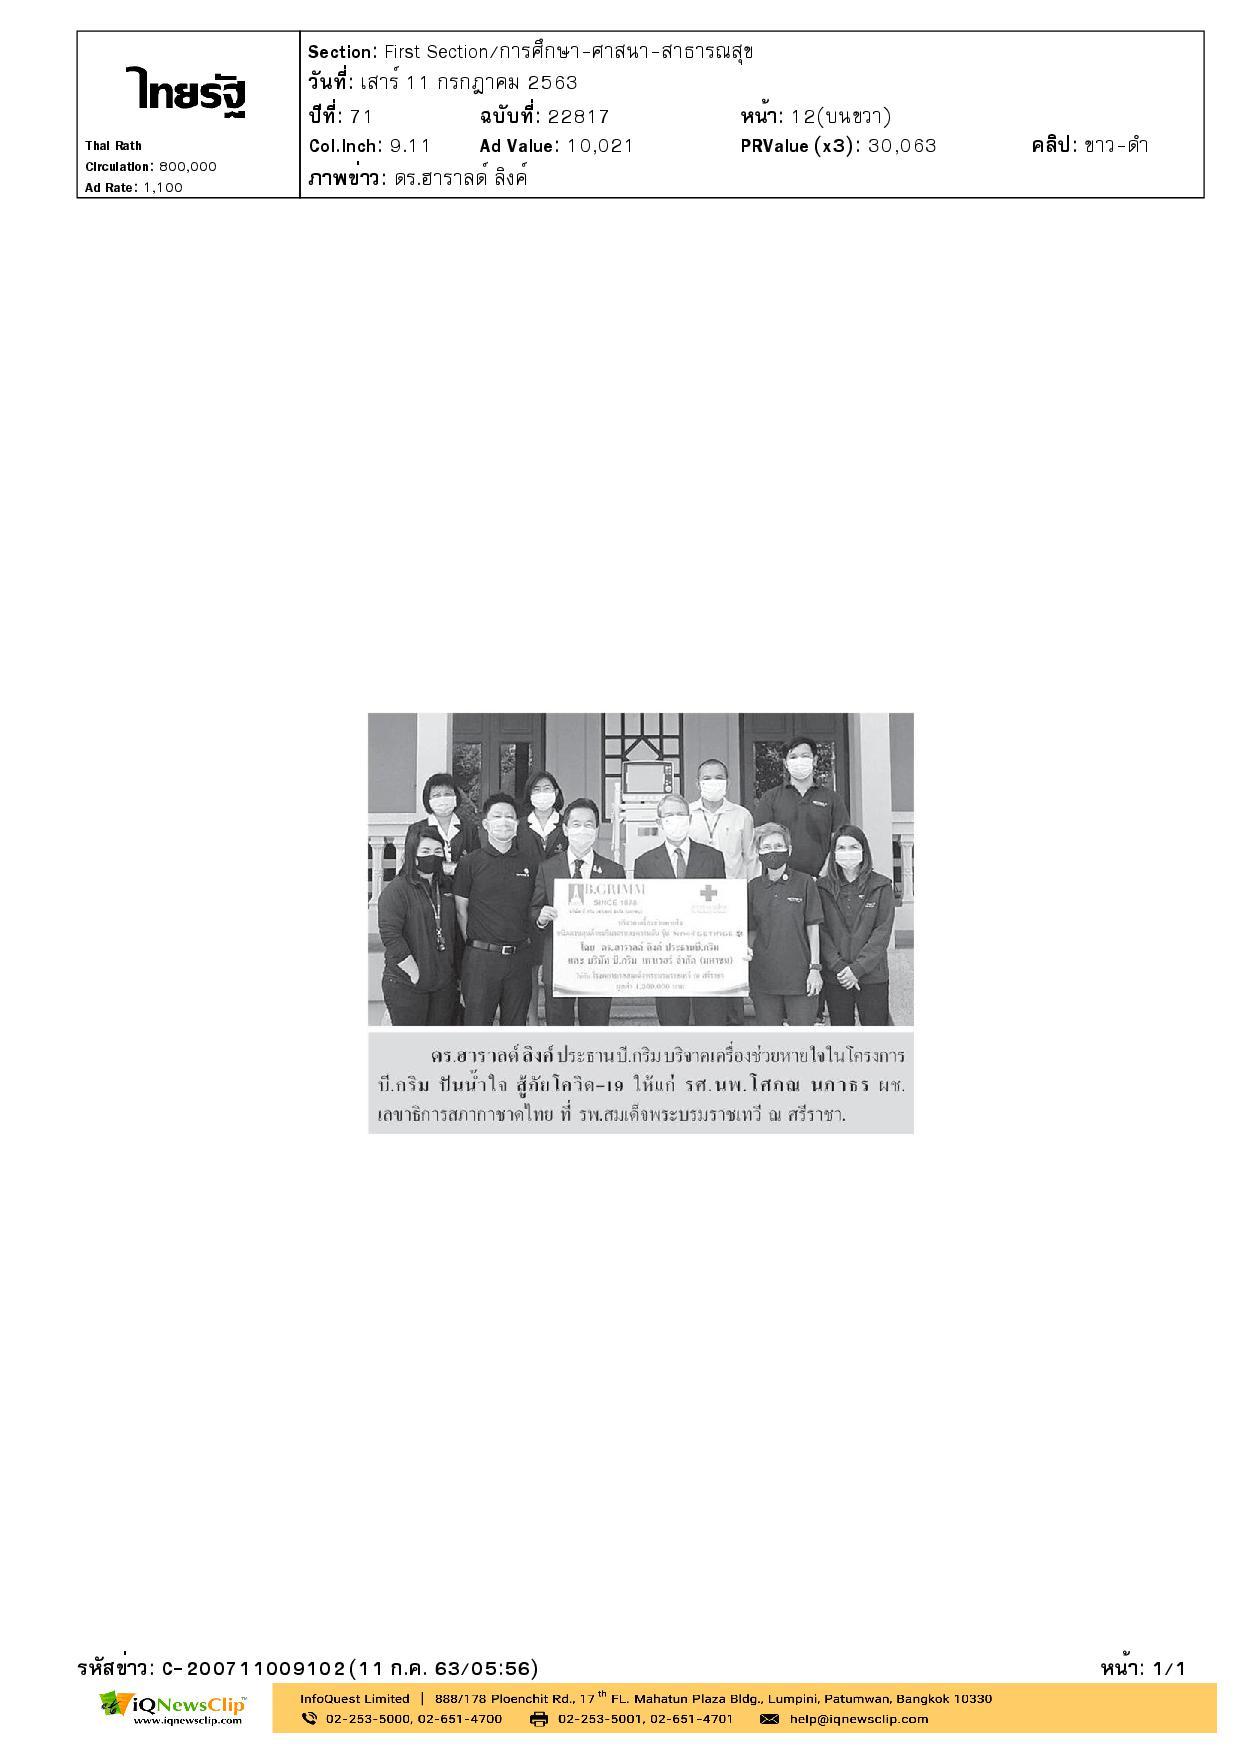 บี.กริม ปันน้ำใจ สู้ภัยโควิด-19 ให้แก่ รพ.สมเด็จฯ